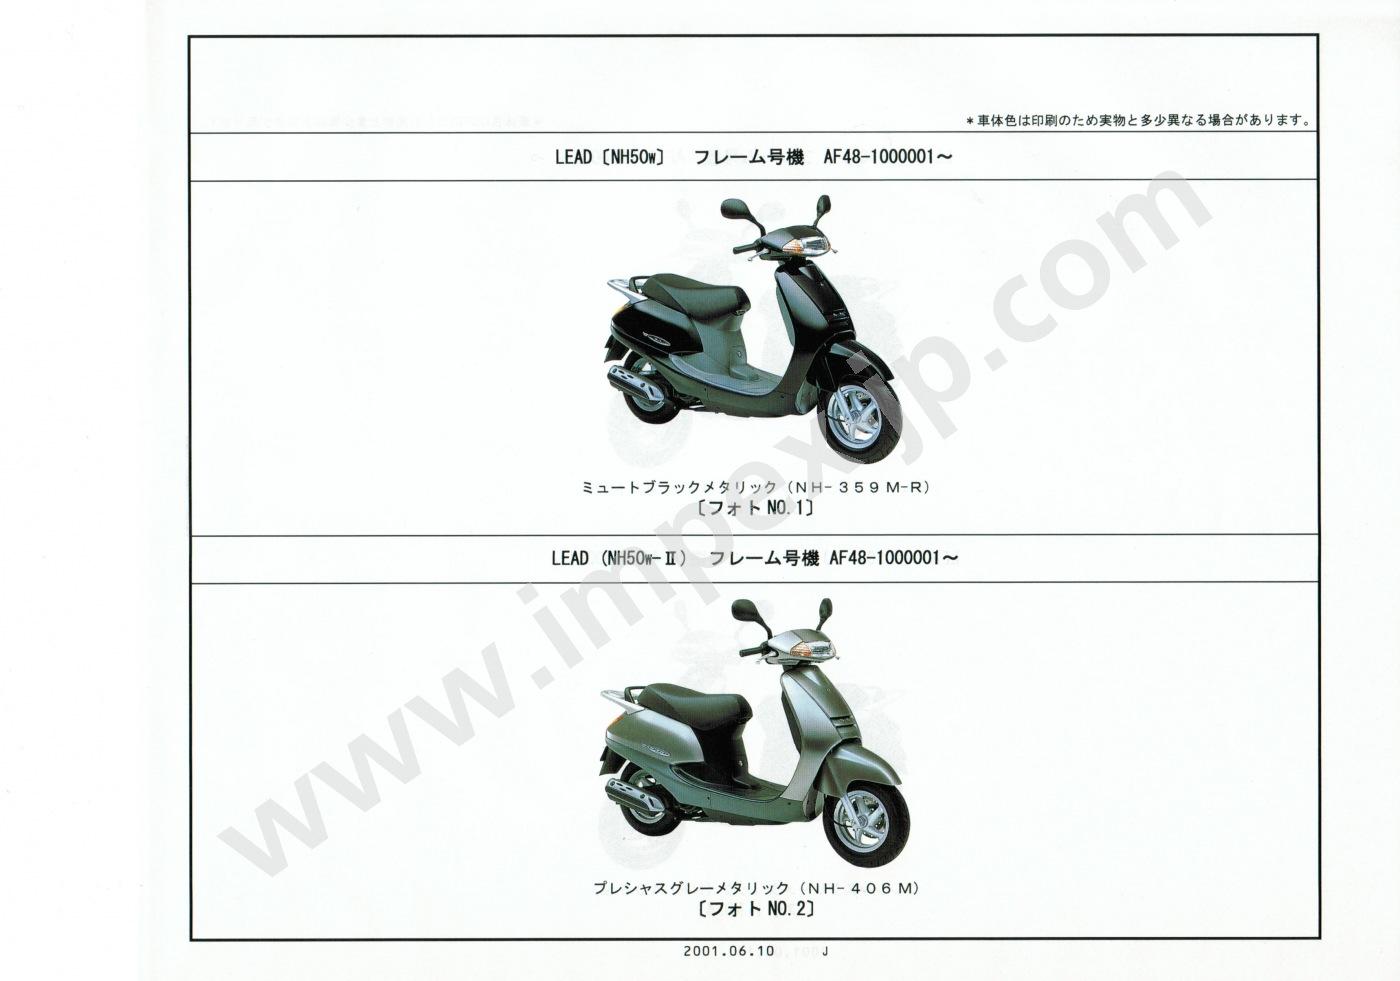 Motorcycle parts HONDA LEAD / LEAD 100. AF48-100, 110, 120 / JF06-100, 110,  120